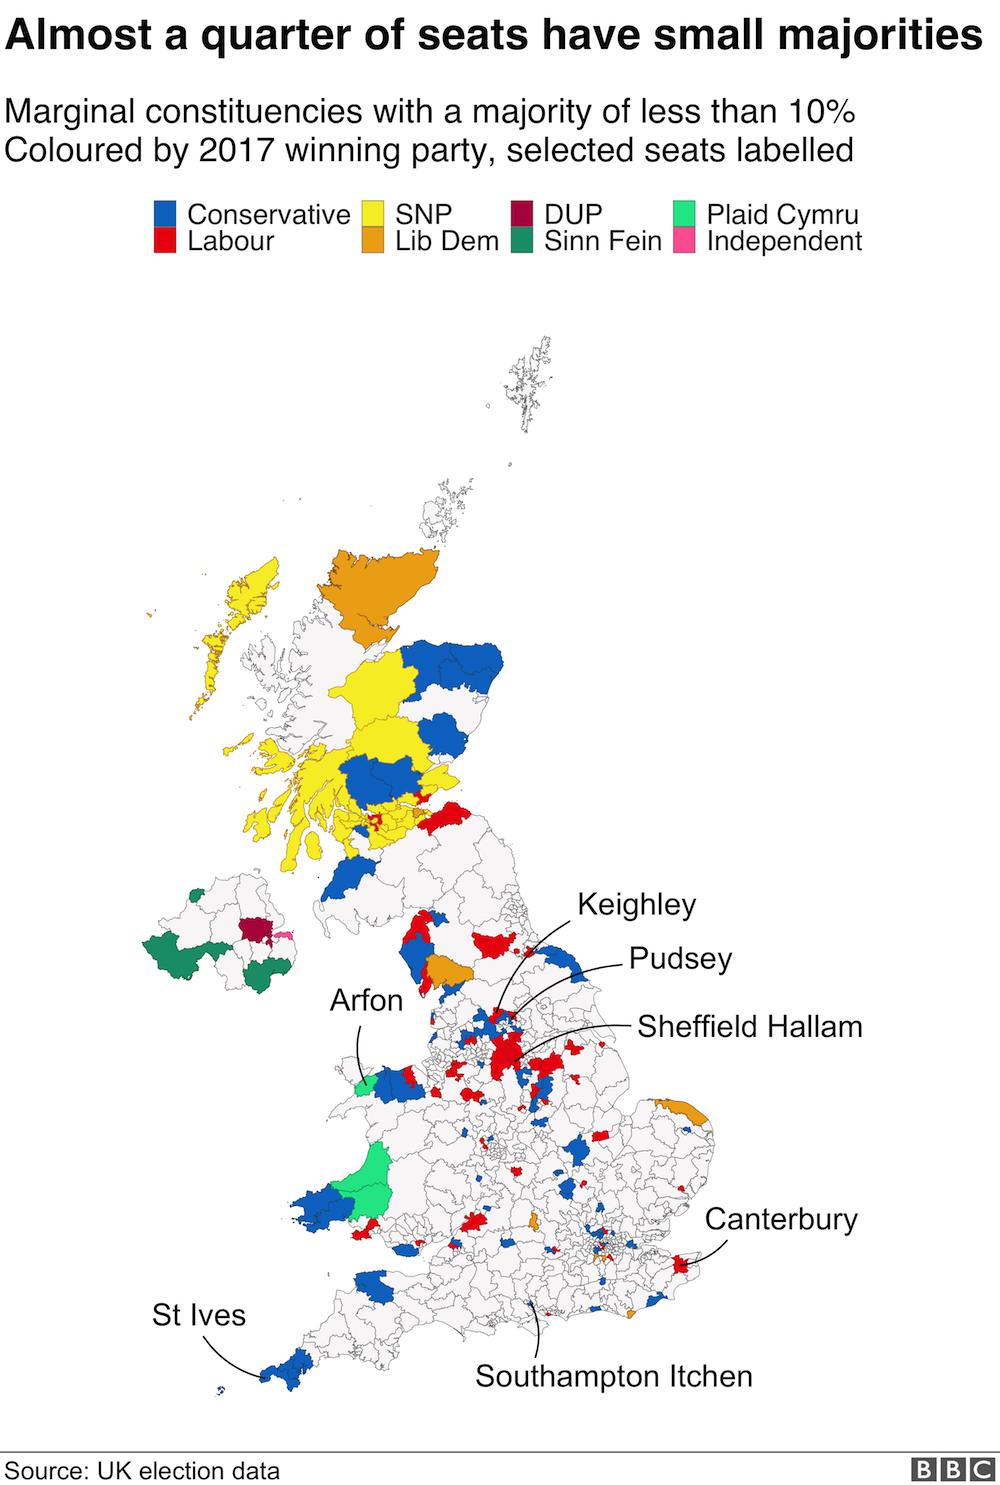 Map of marginal seats